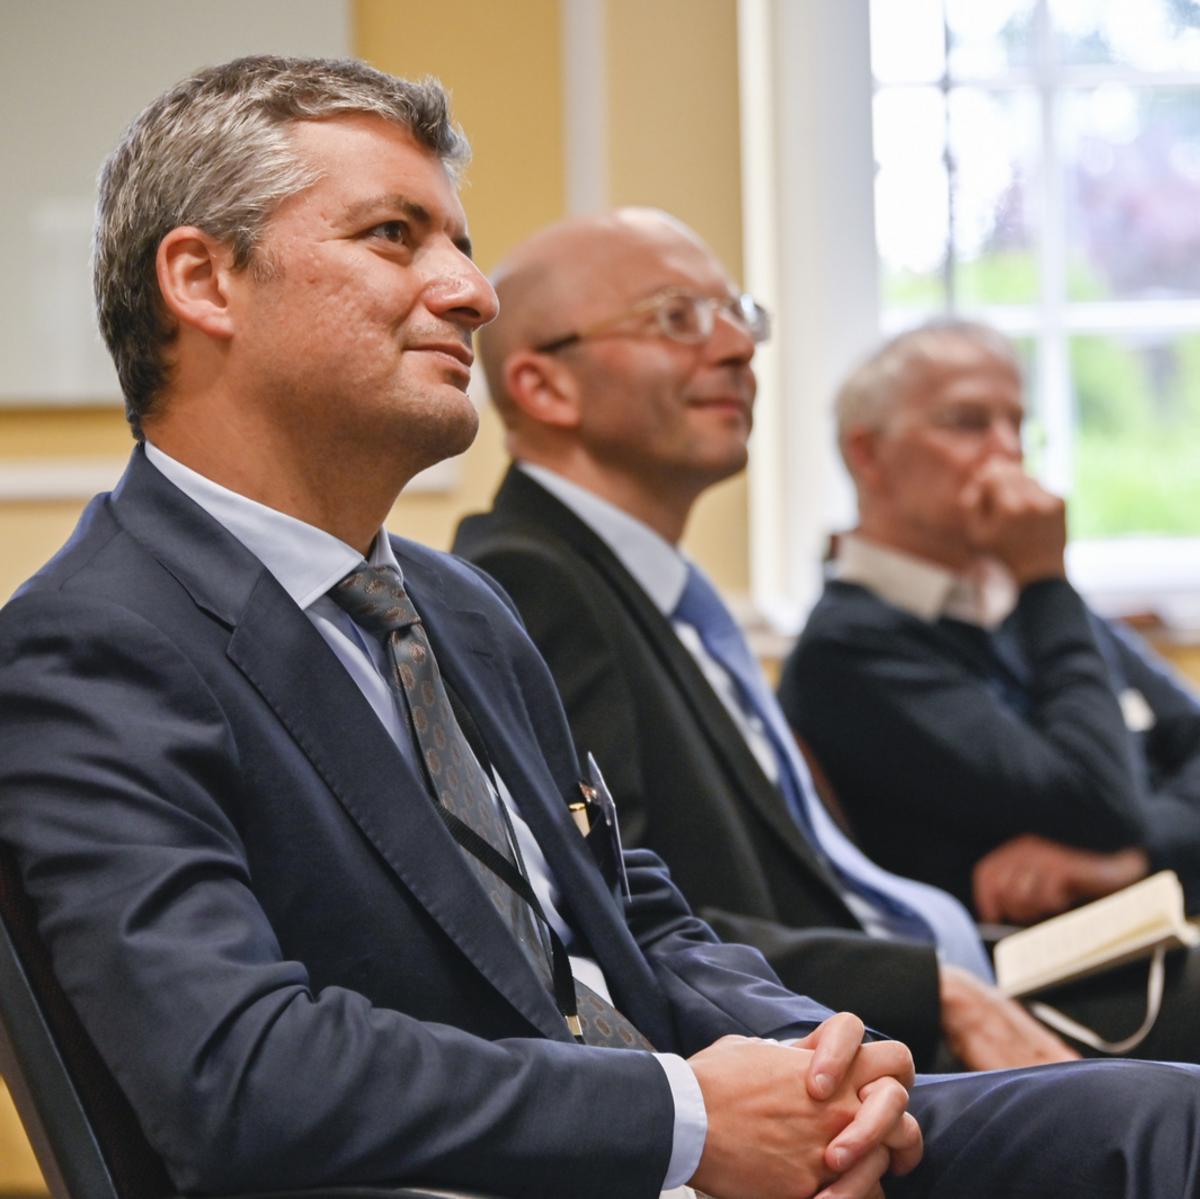 Konferencia 2021 Windsor Dialogue Conference sa konala 21. – 23. júna vo Windsore v Anglicku